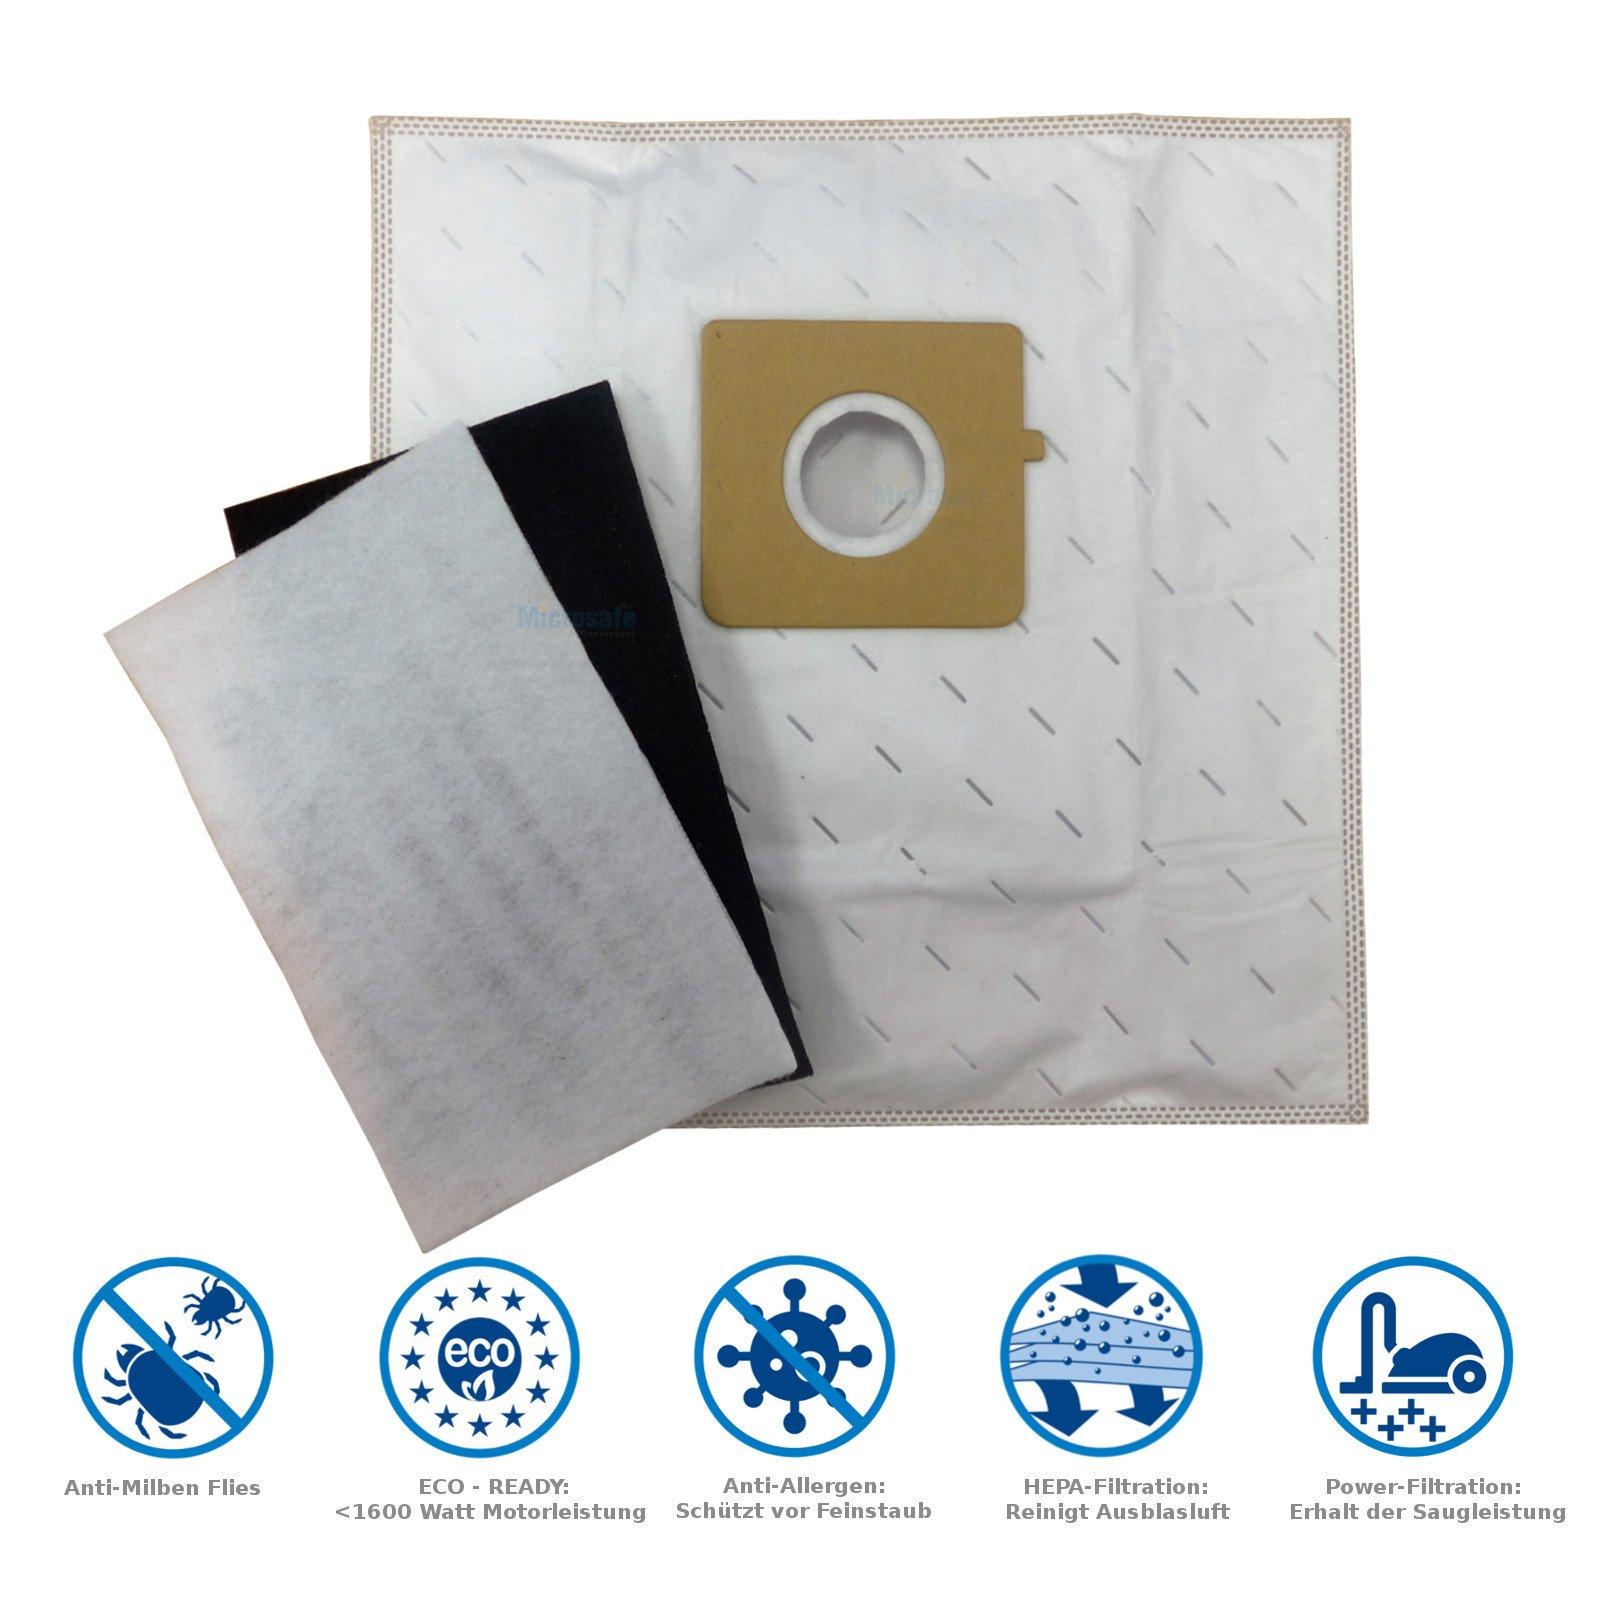 10 bolsas para aspiradora Rowenta City Space RO2423, RO2441, RO2451 WA, incluye 2 filtros, como original ZR0039 de MicroSafe® 10 Beutel inkl. 2 Filter: Amazon.es: Hogar